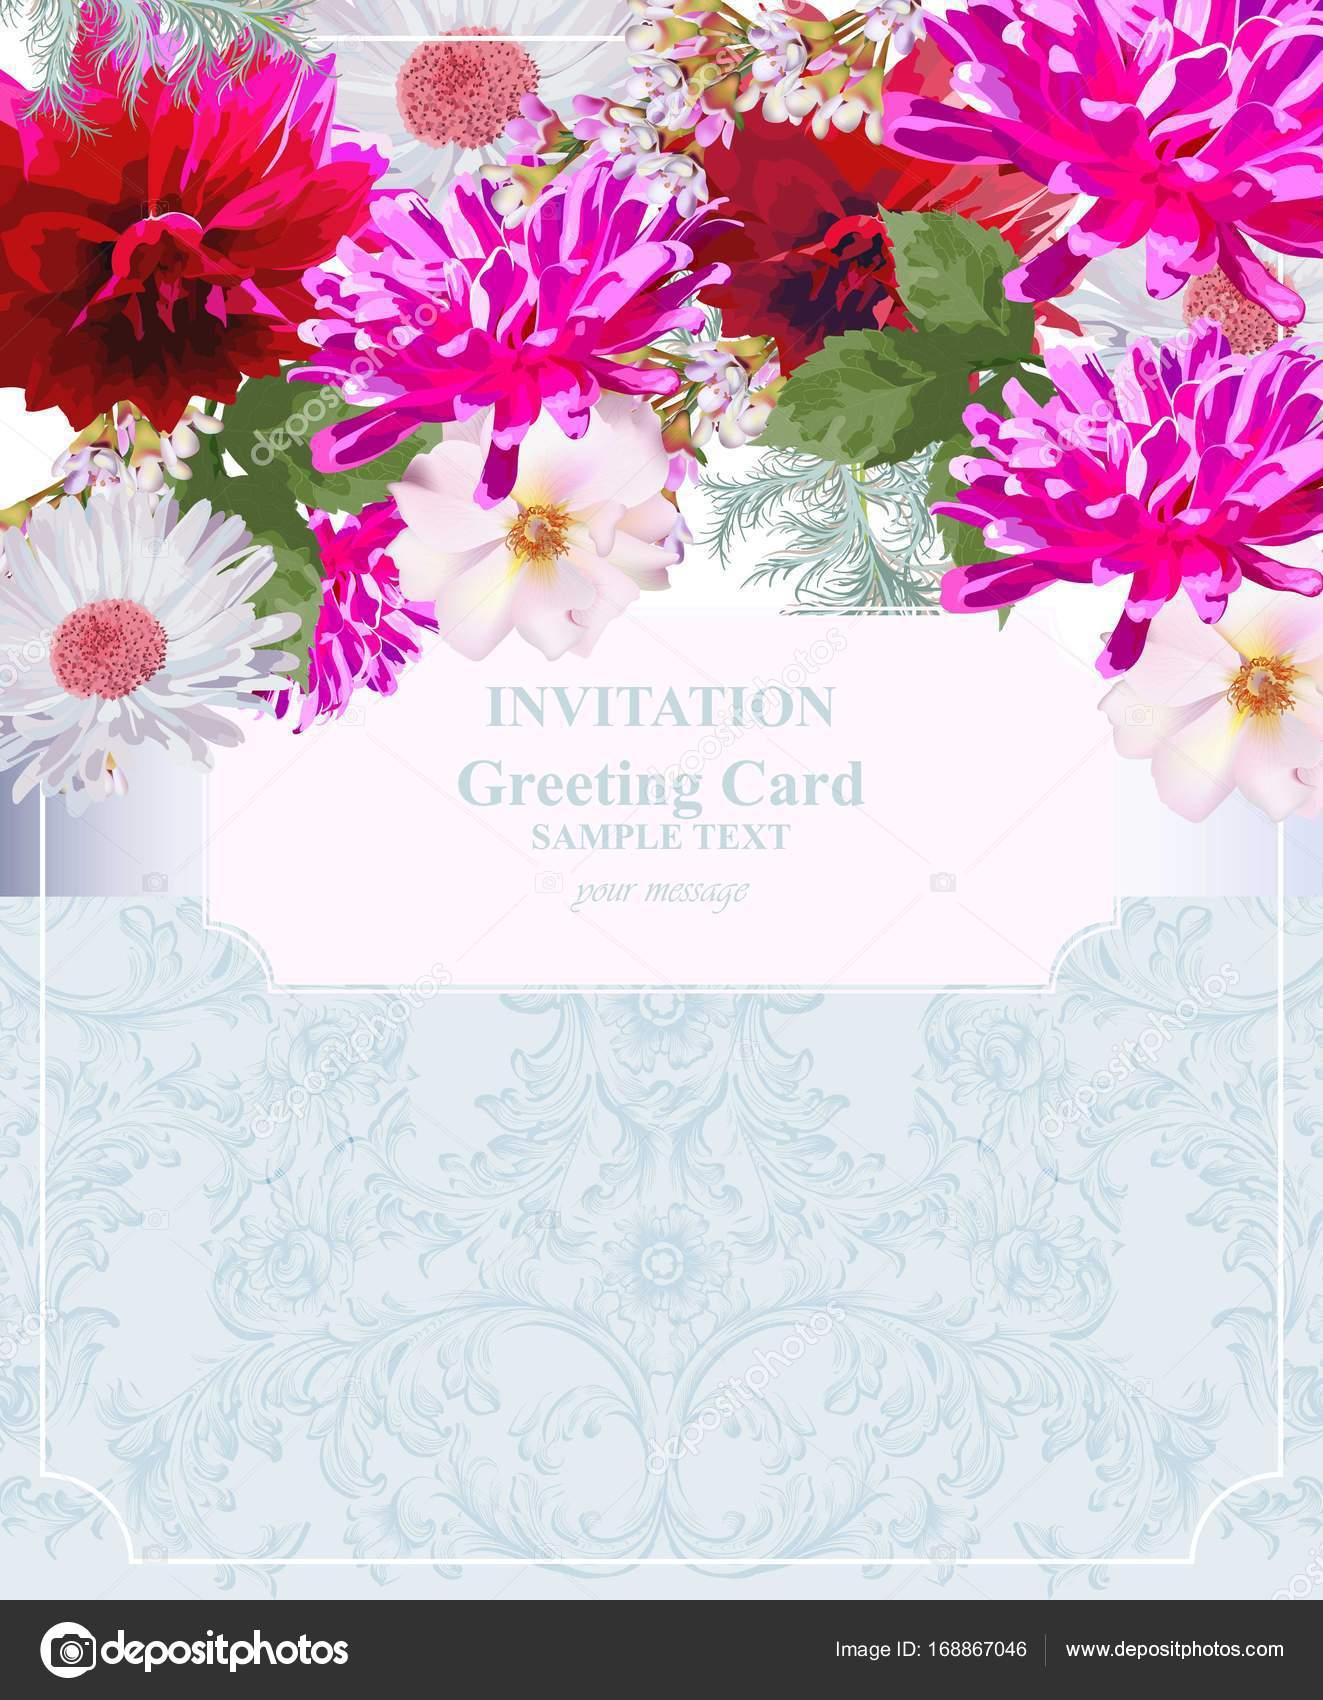 Einladung Karte Vektor. Bunte Blumen. Fuchsia pink Farben ...